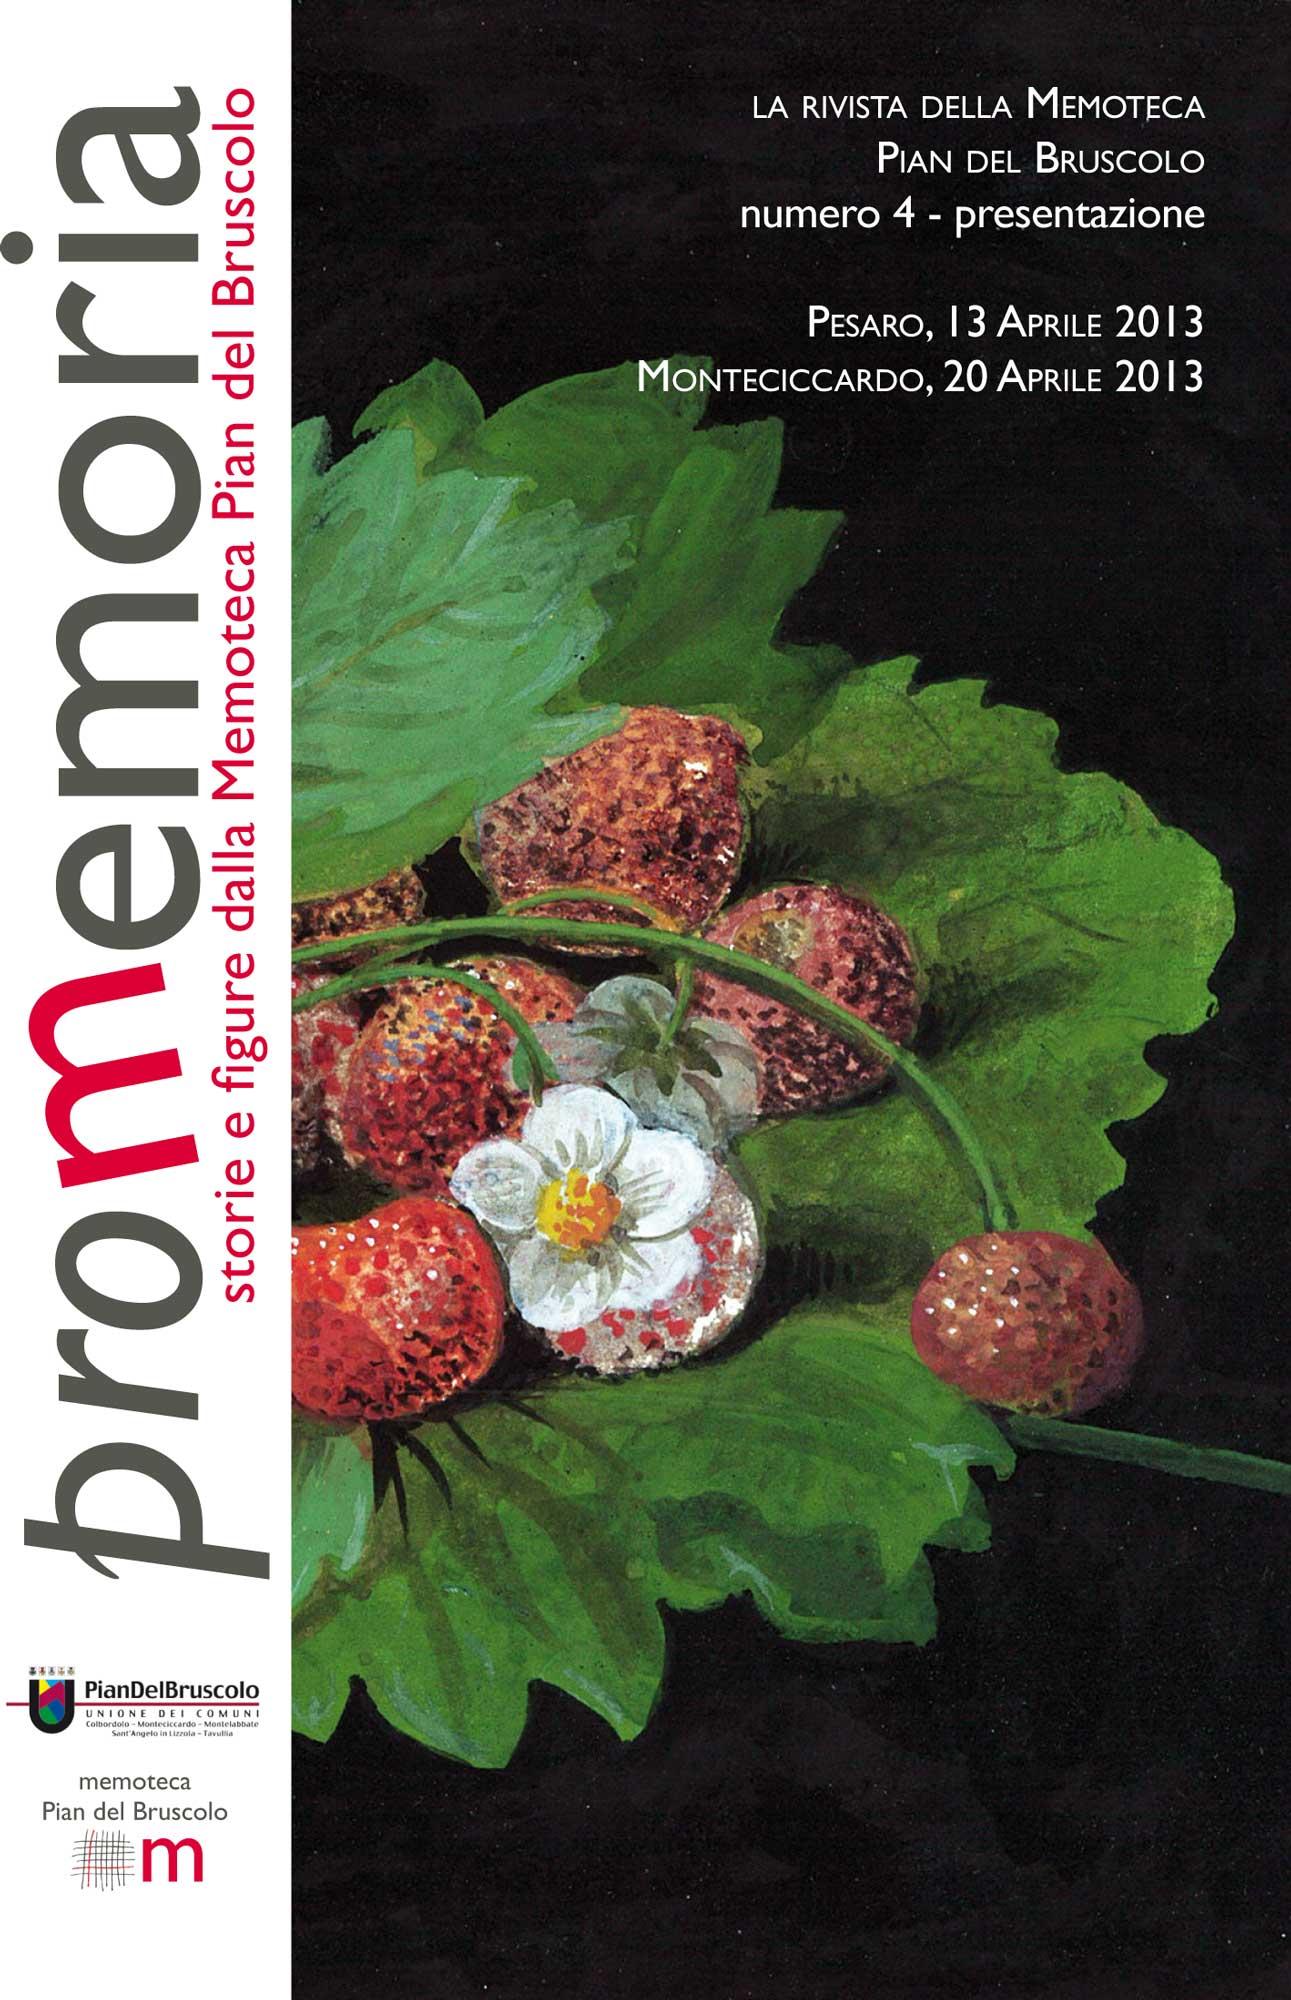 Memoteca Pian del Bruscolo - 2013